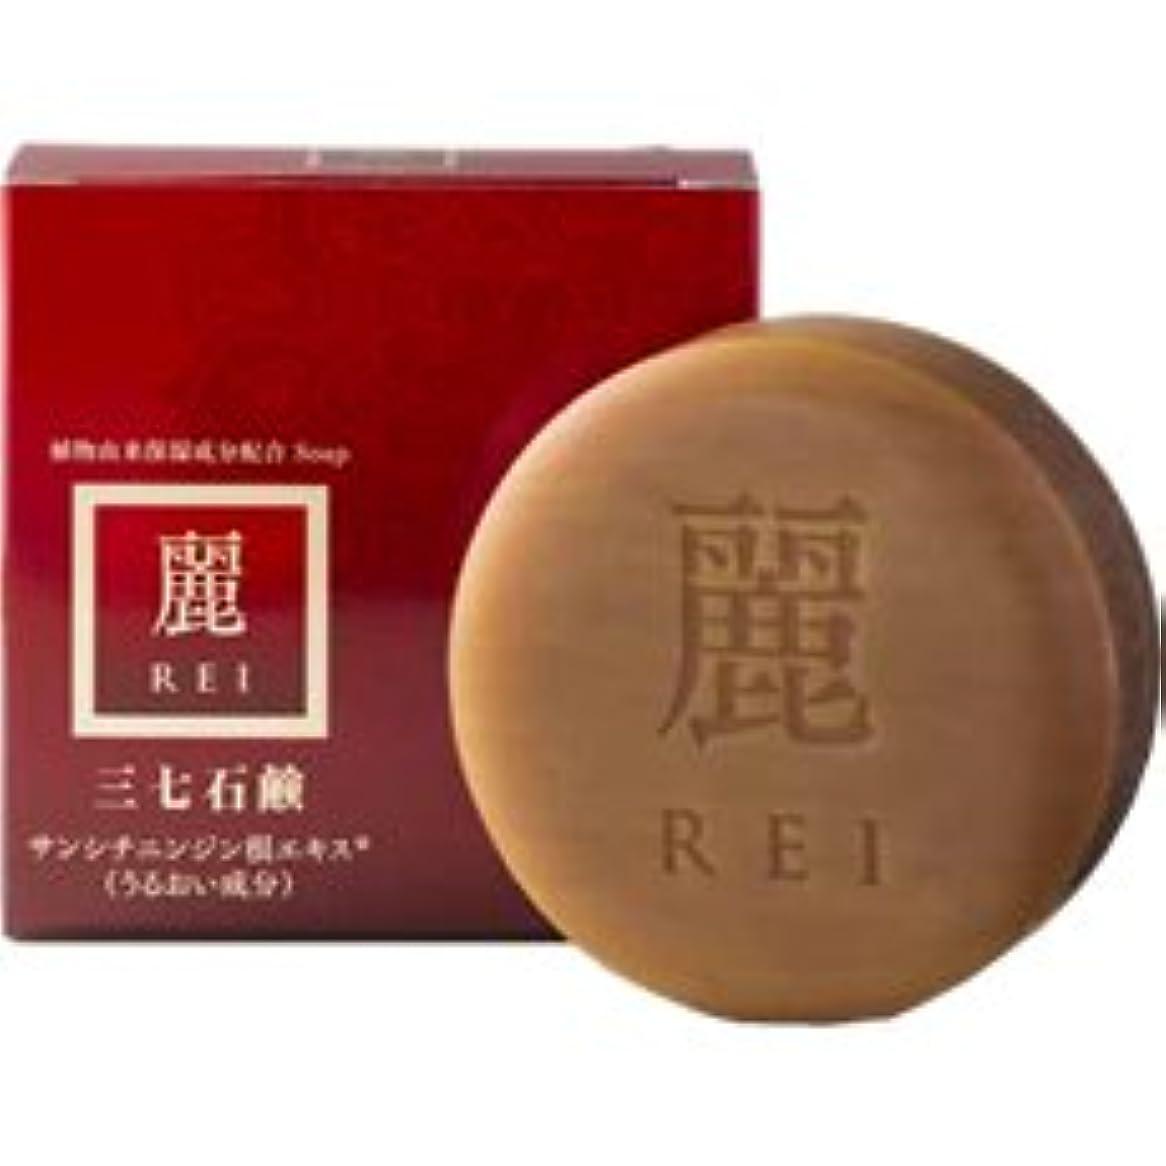 長さ抑制する血三七石鹸 麗(れい) 100g